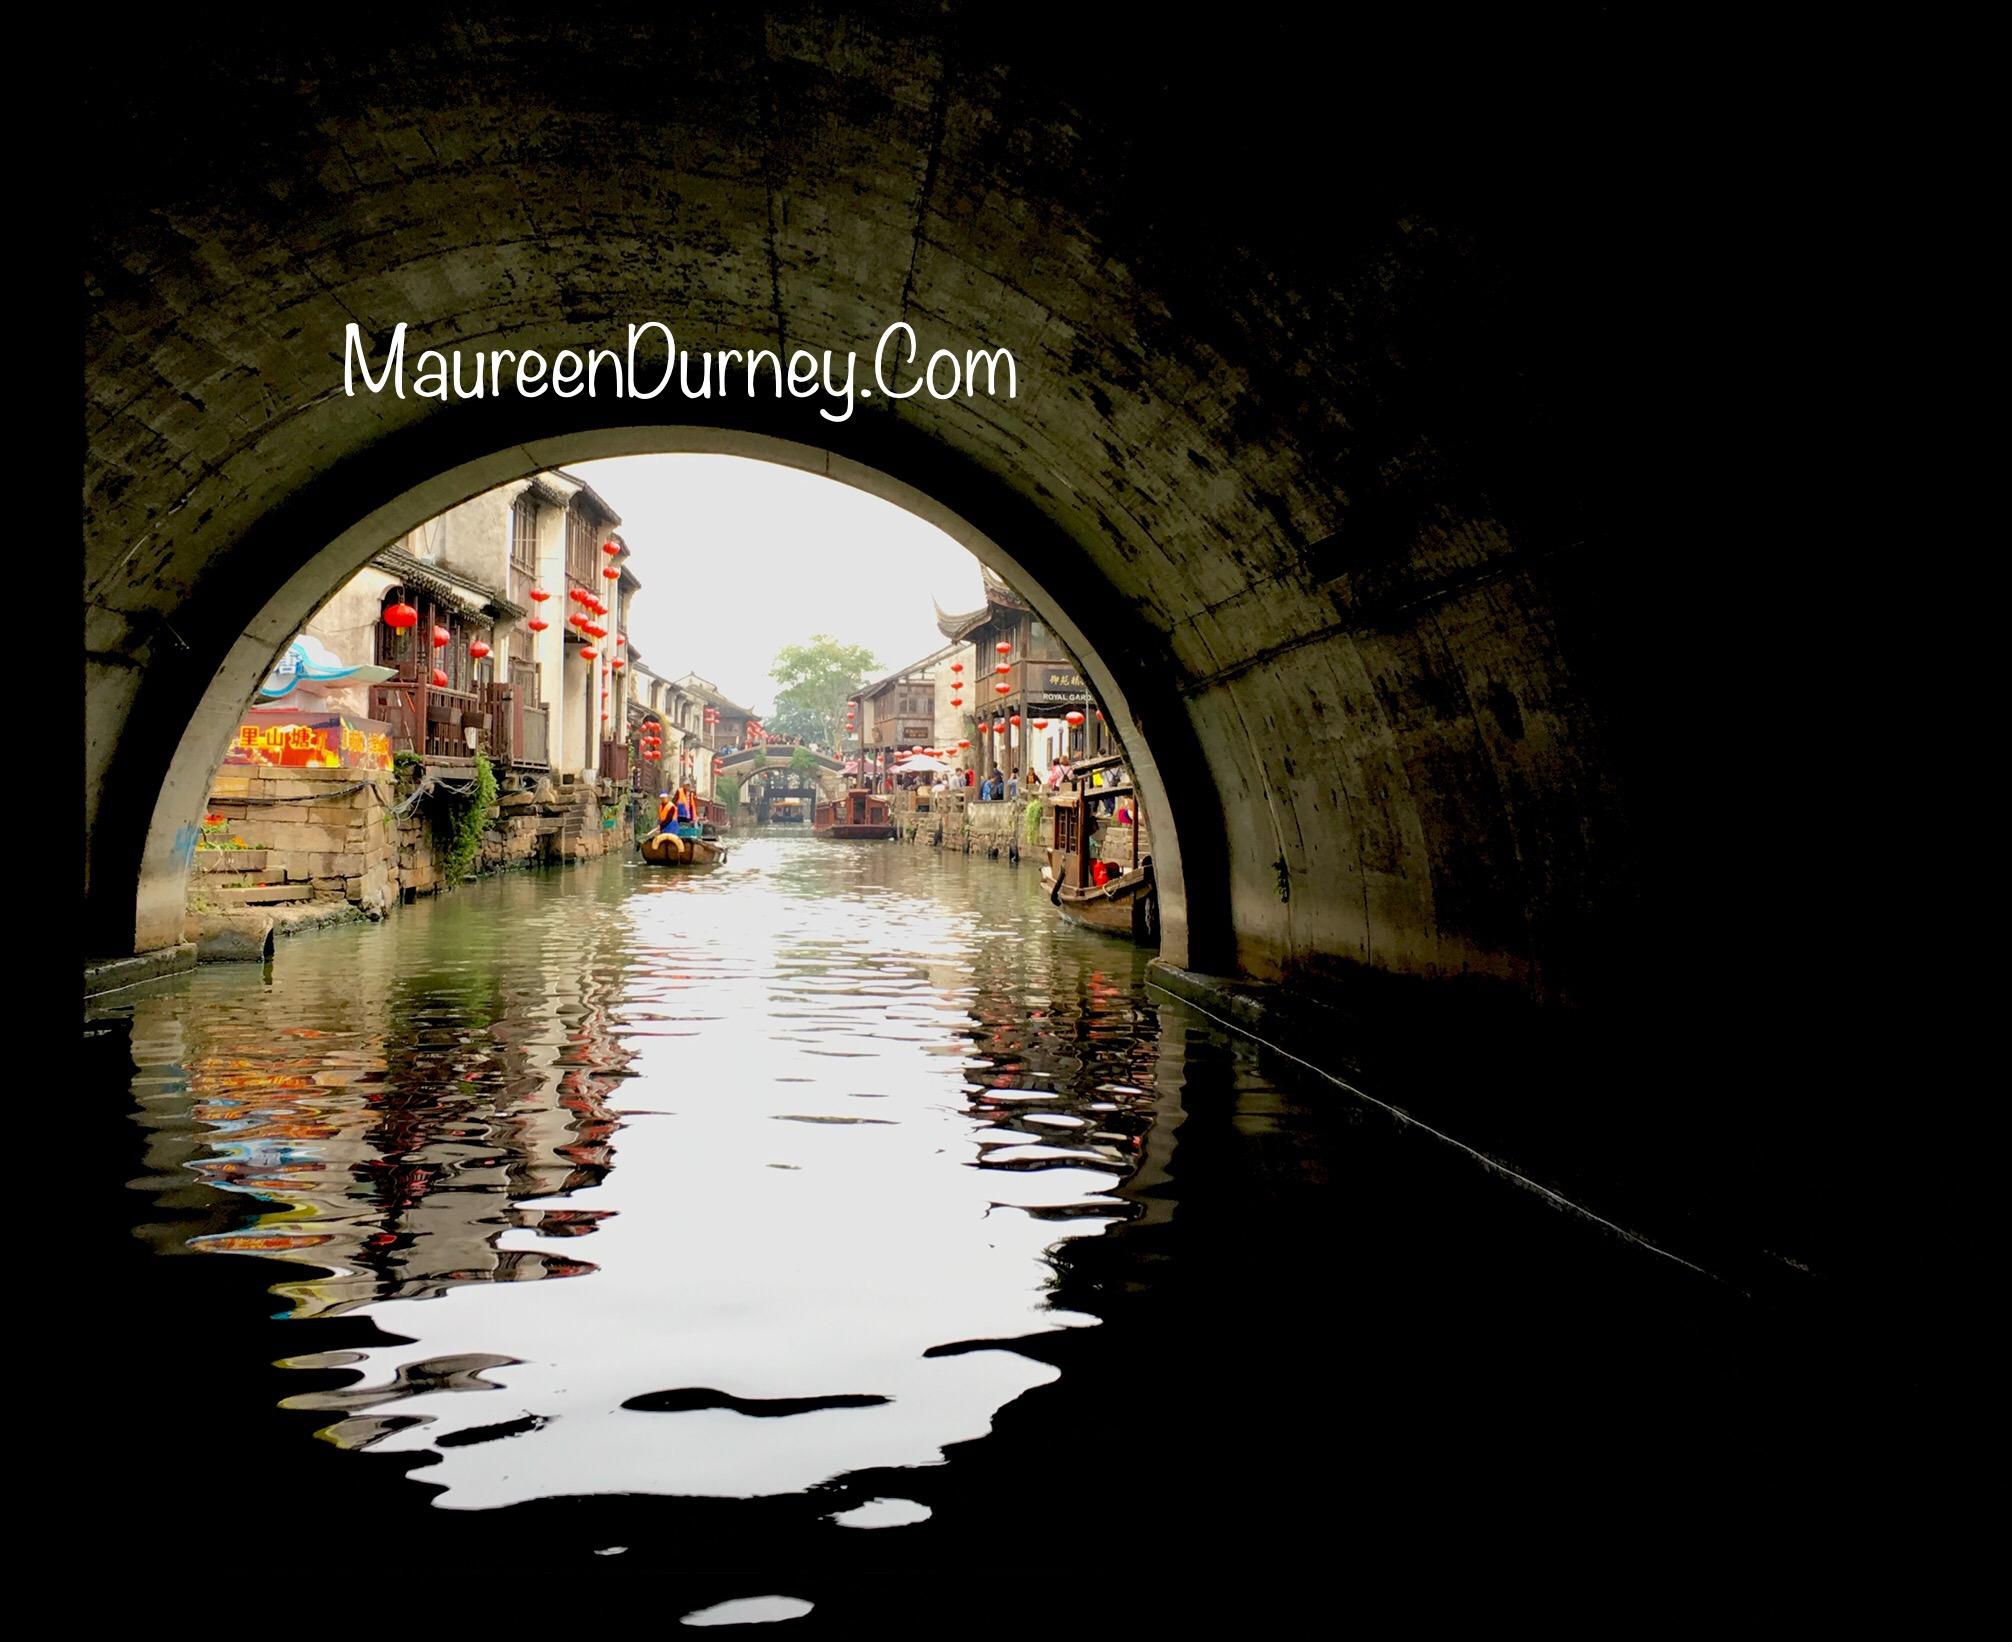 Maureen. Durney